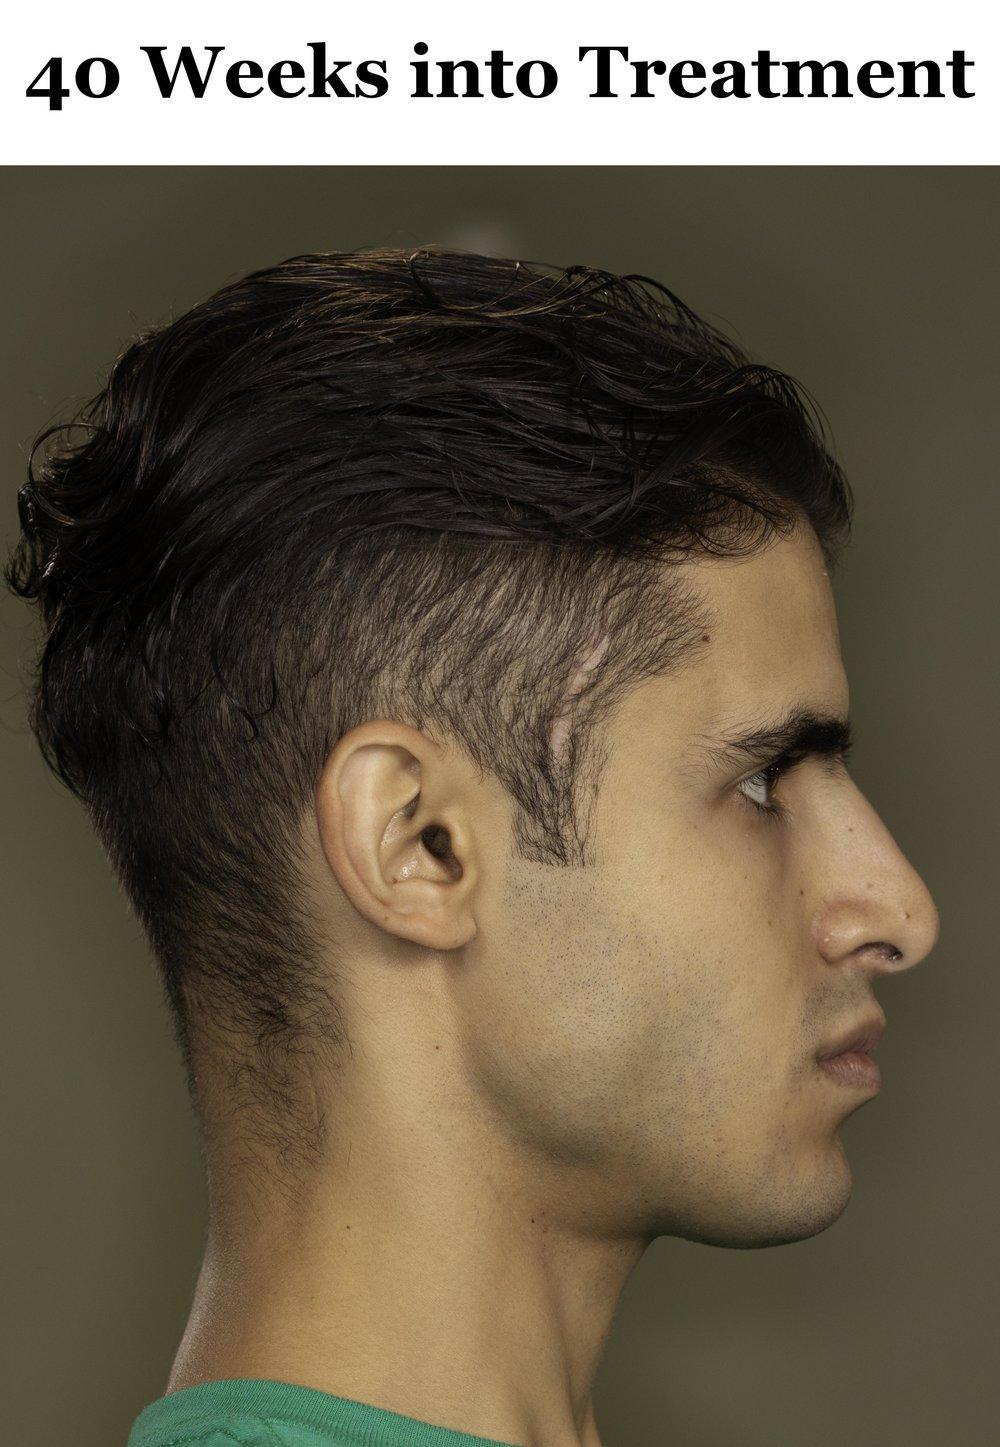 40 Weeks Side Profile.jpg